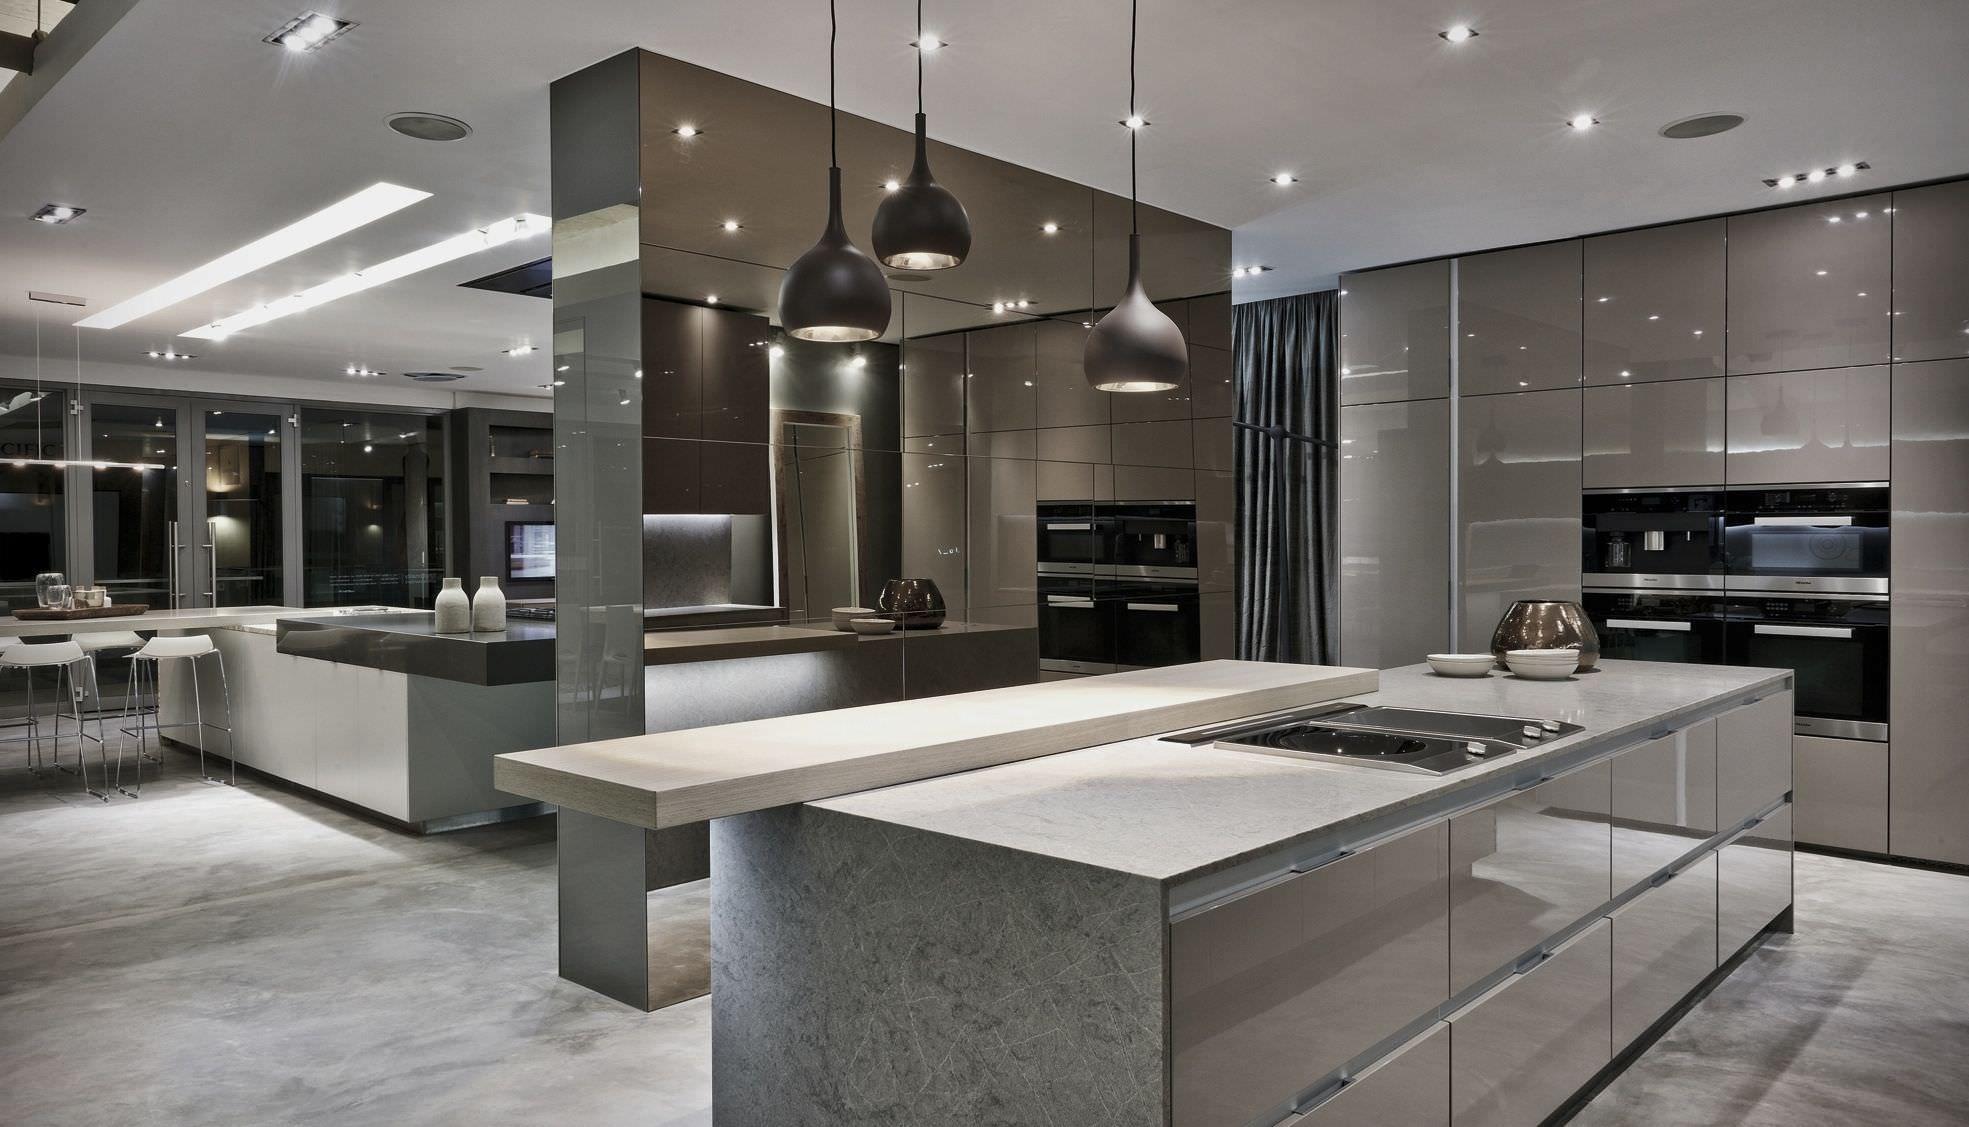 Luxury kitchen showroom luxury kitchen designs pinterest